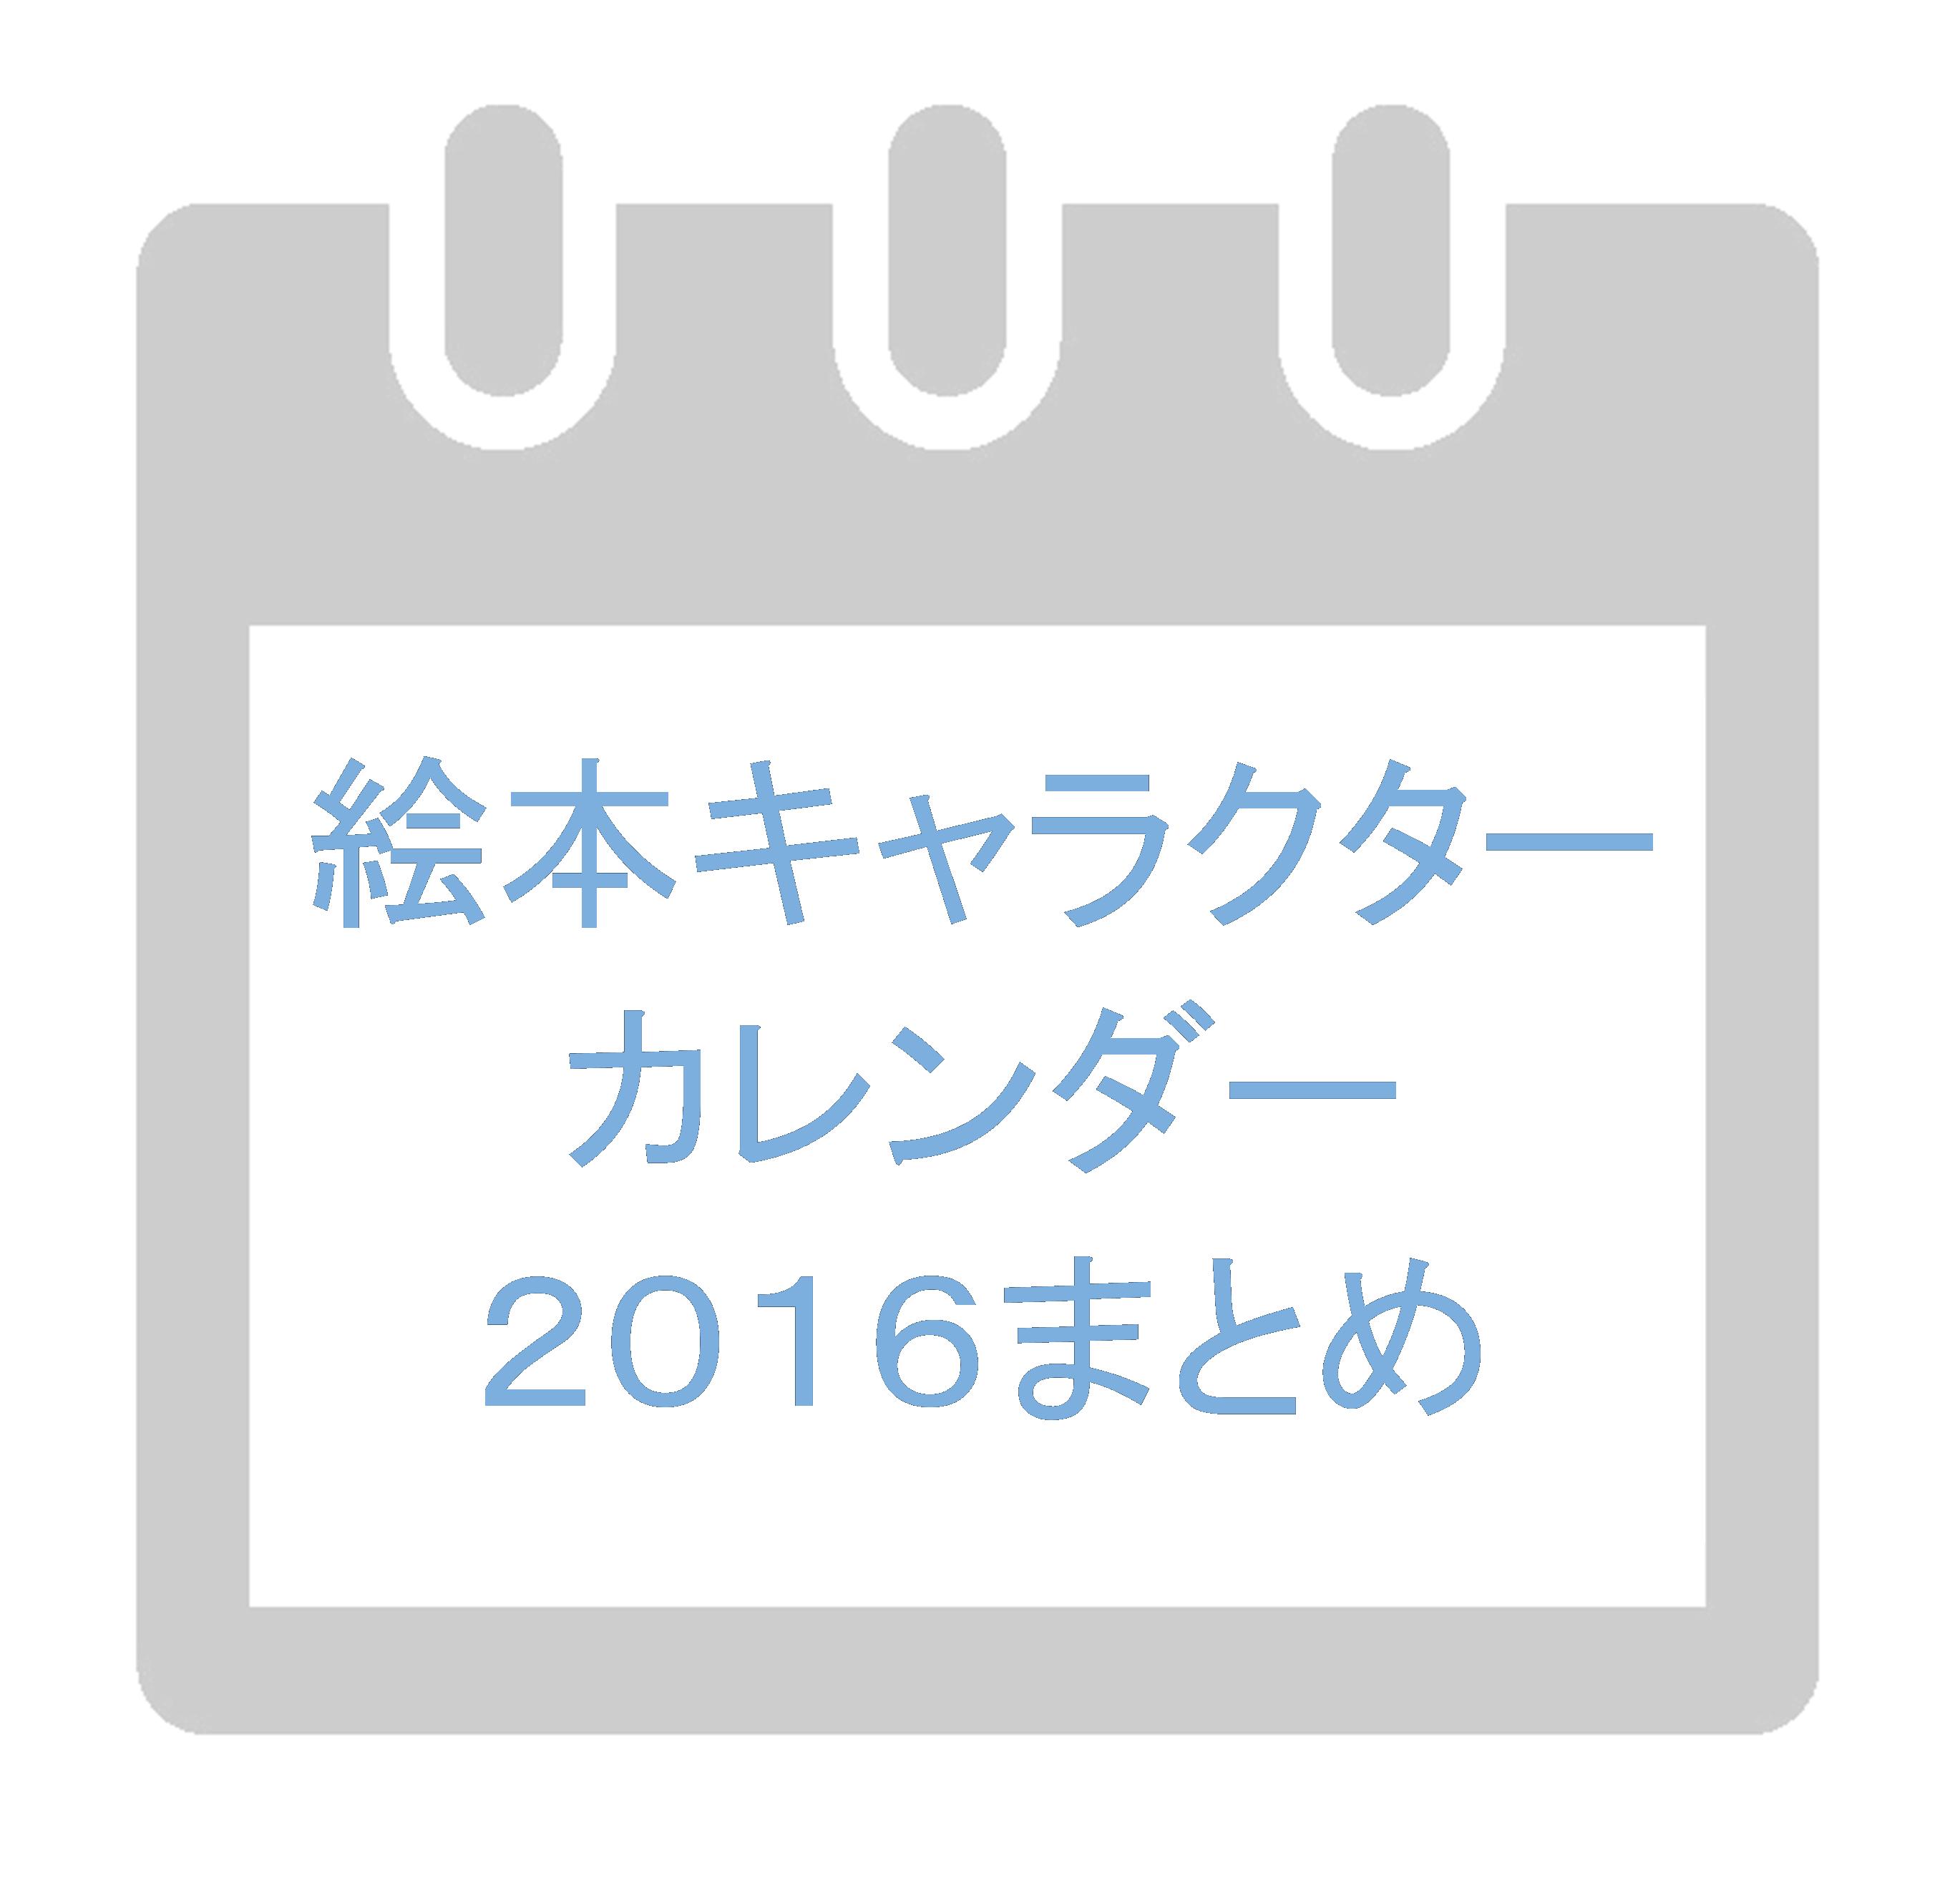 絵本好きさん必見!!2016年の絵本キャラクターカレンダーまとめ